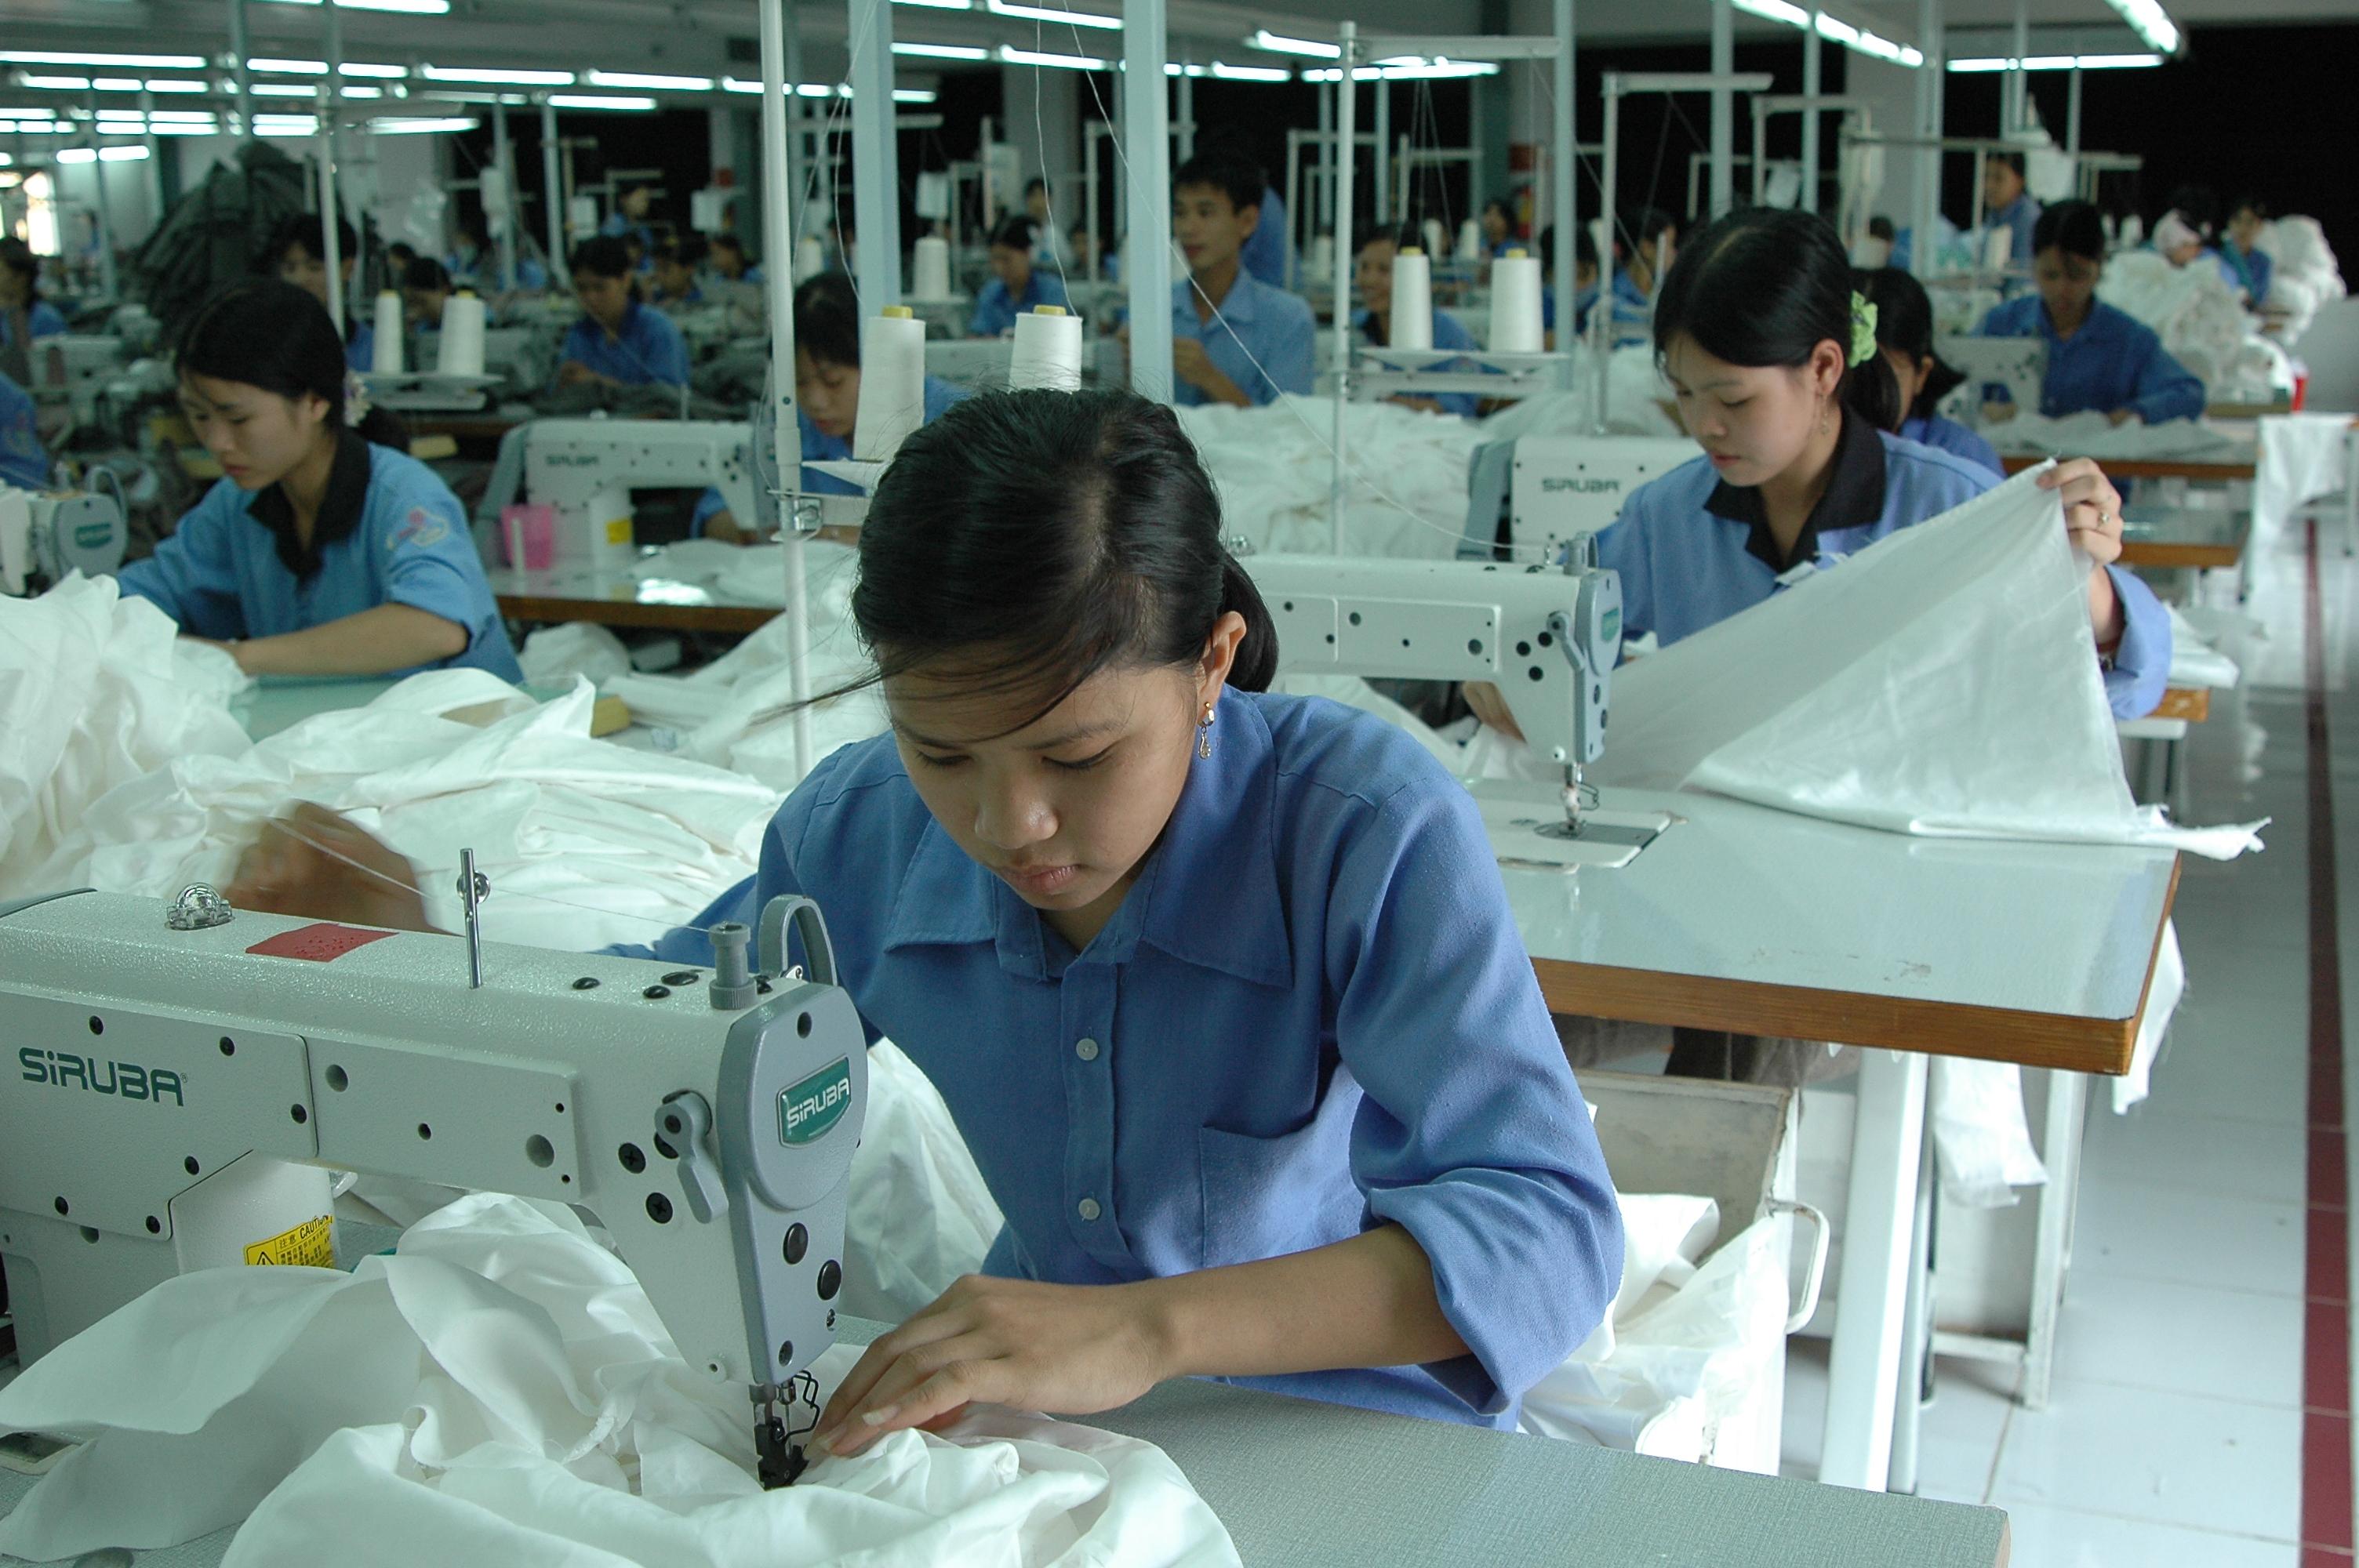 Vĩnh Phúc: Chỉ số sản xuất công nghiệp tăng trưởng 1,77%